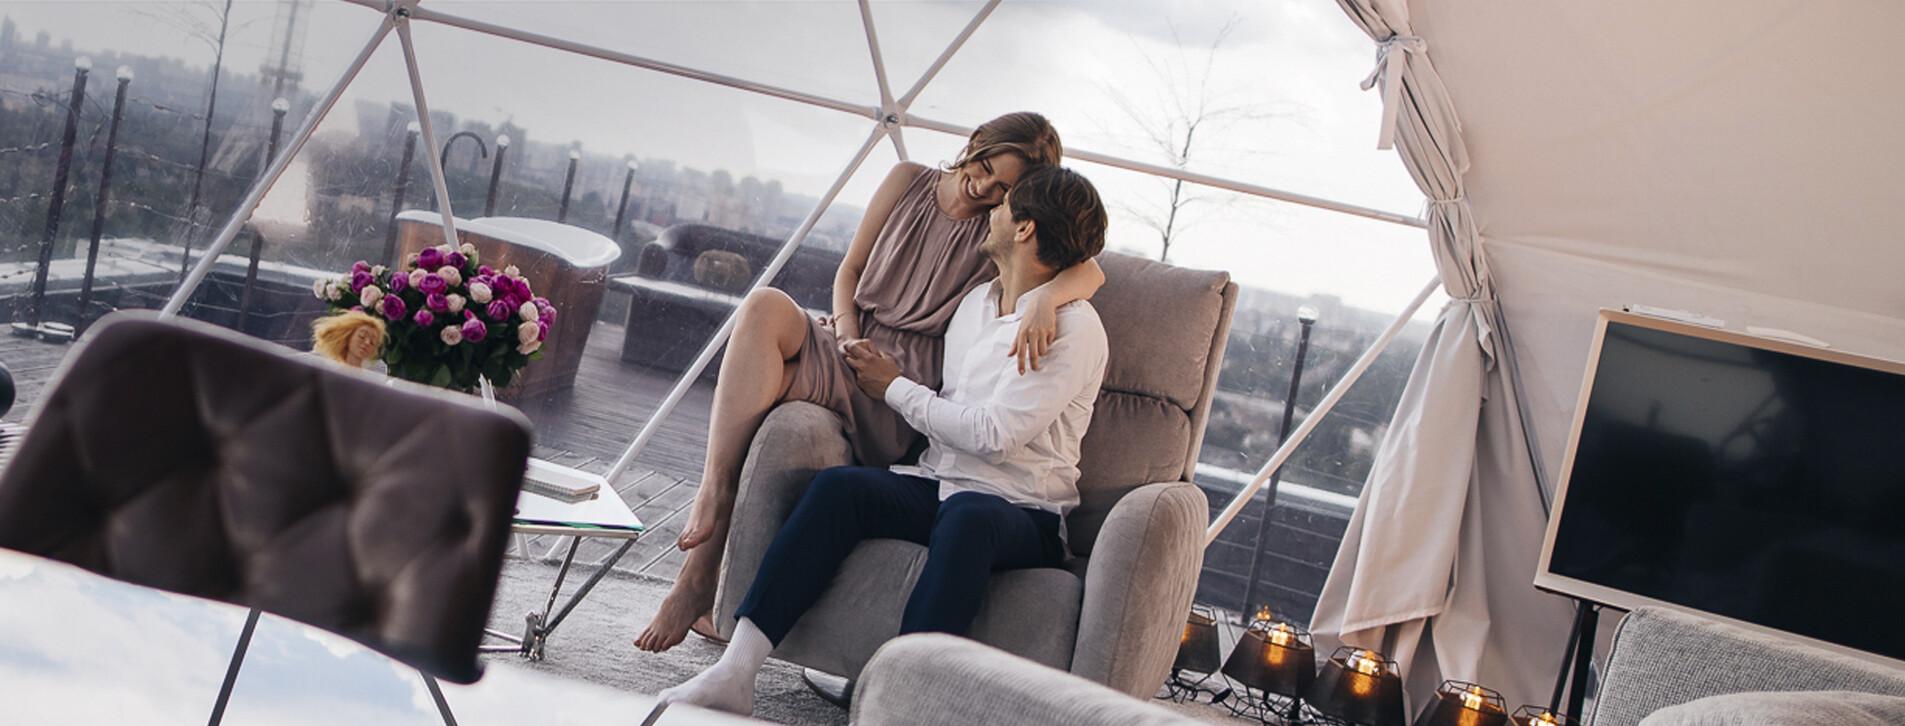 Фото 1 - Эксклюзивное свидание на крыше в Cloud Rooftop